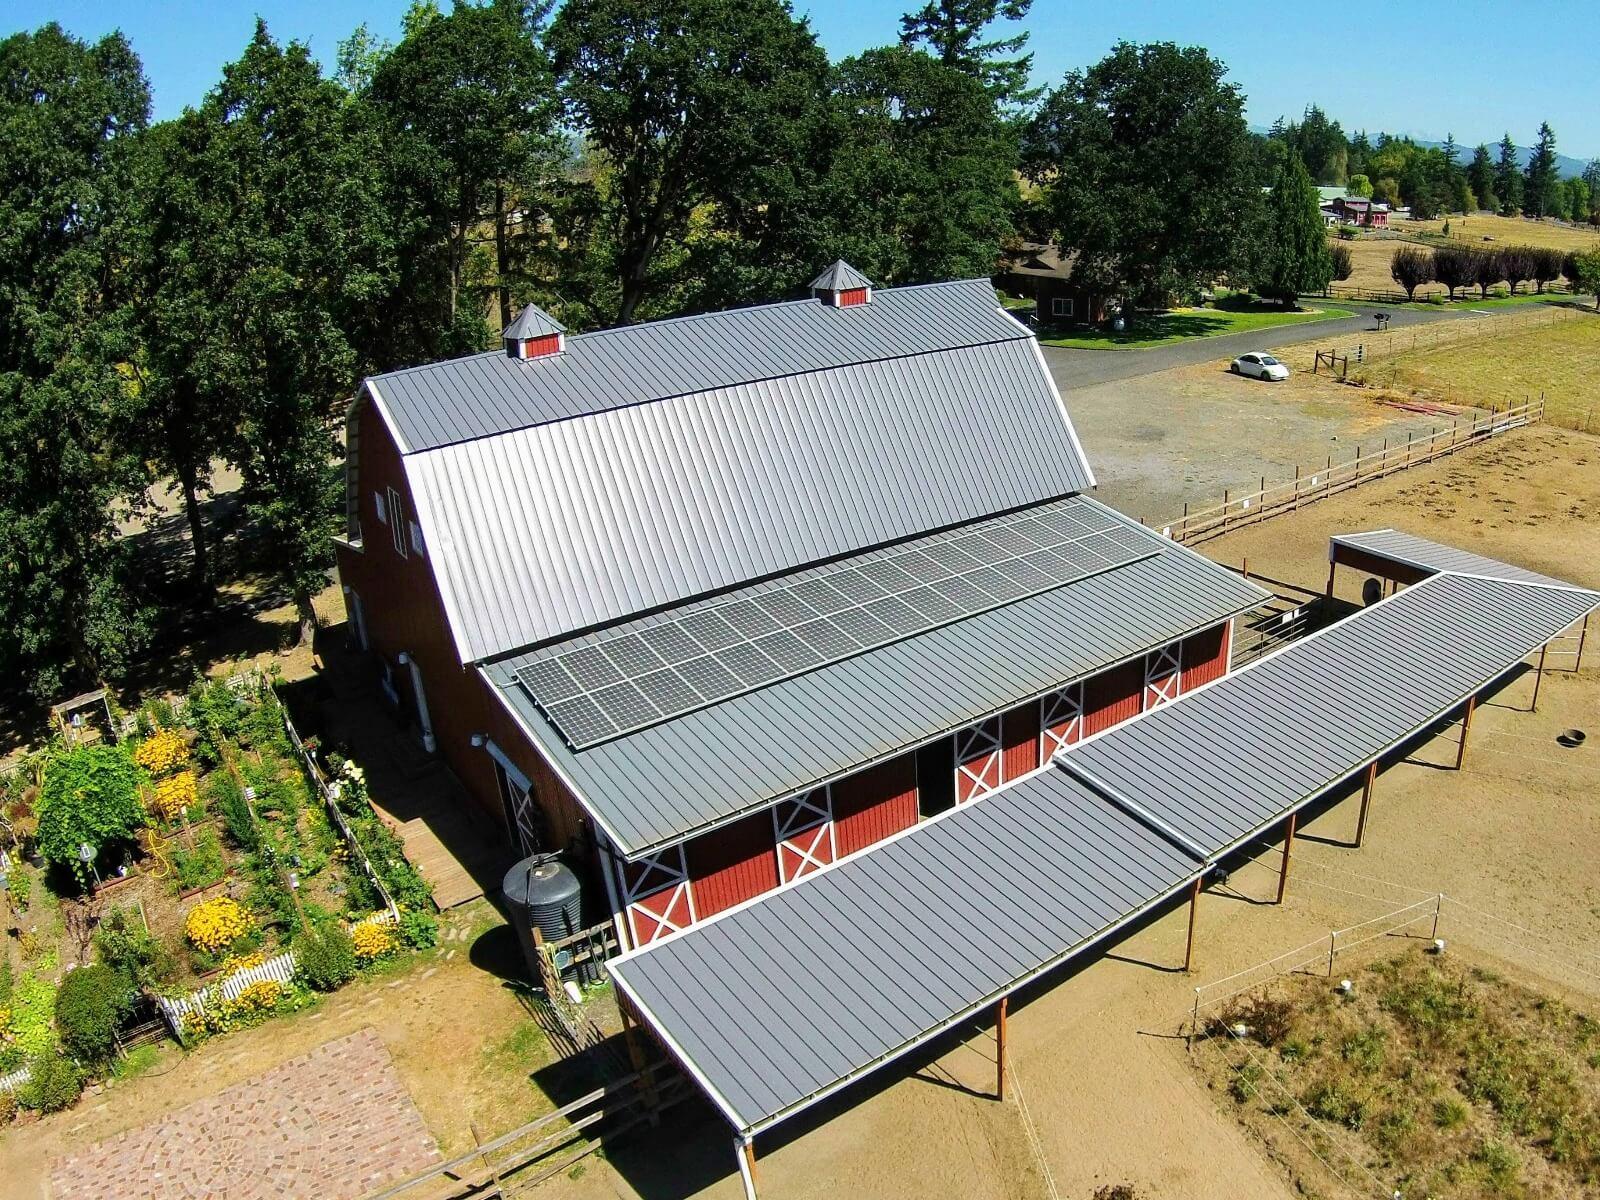 solar panels on agricultural barn.jpeg